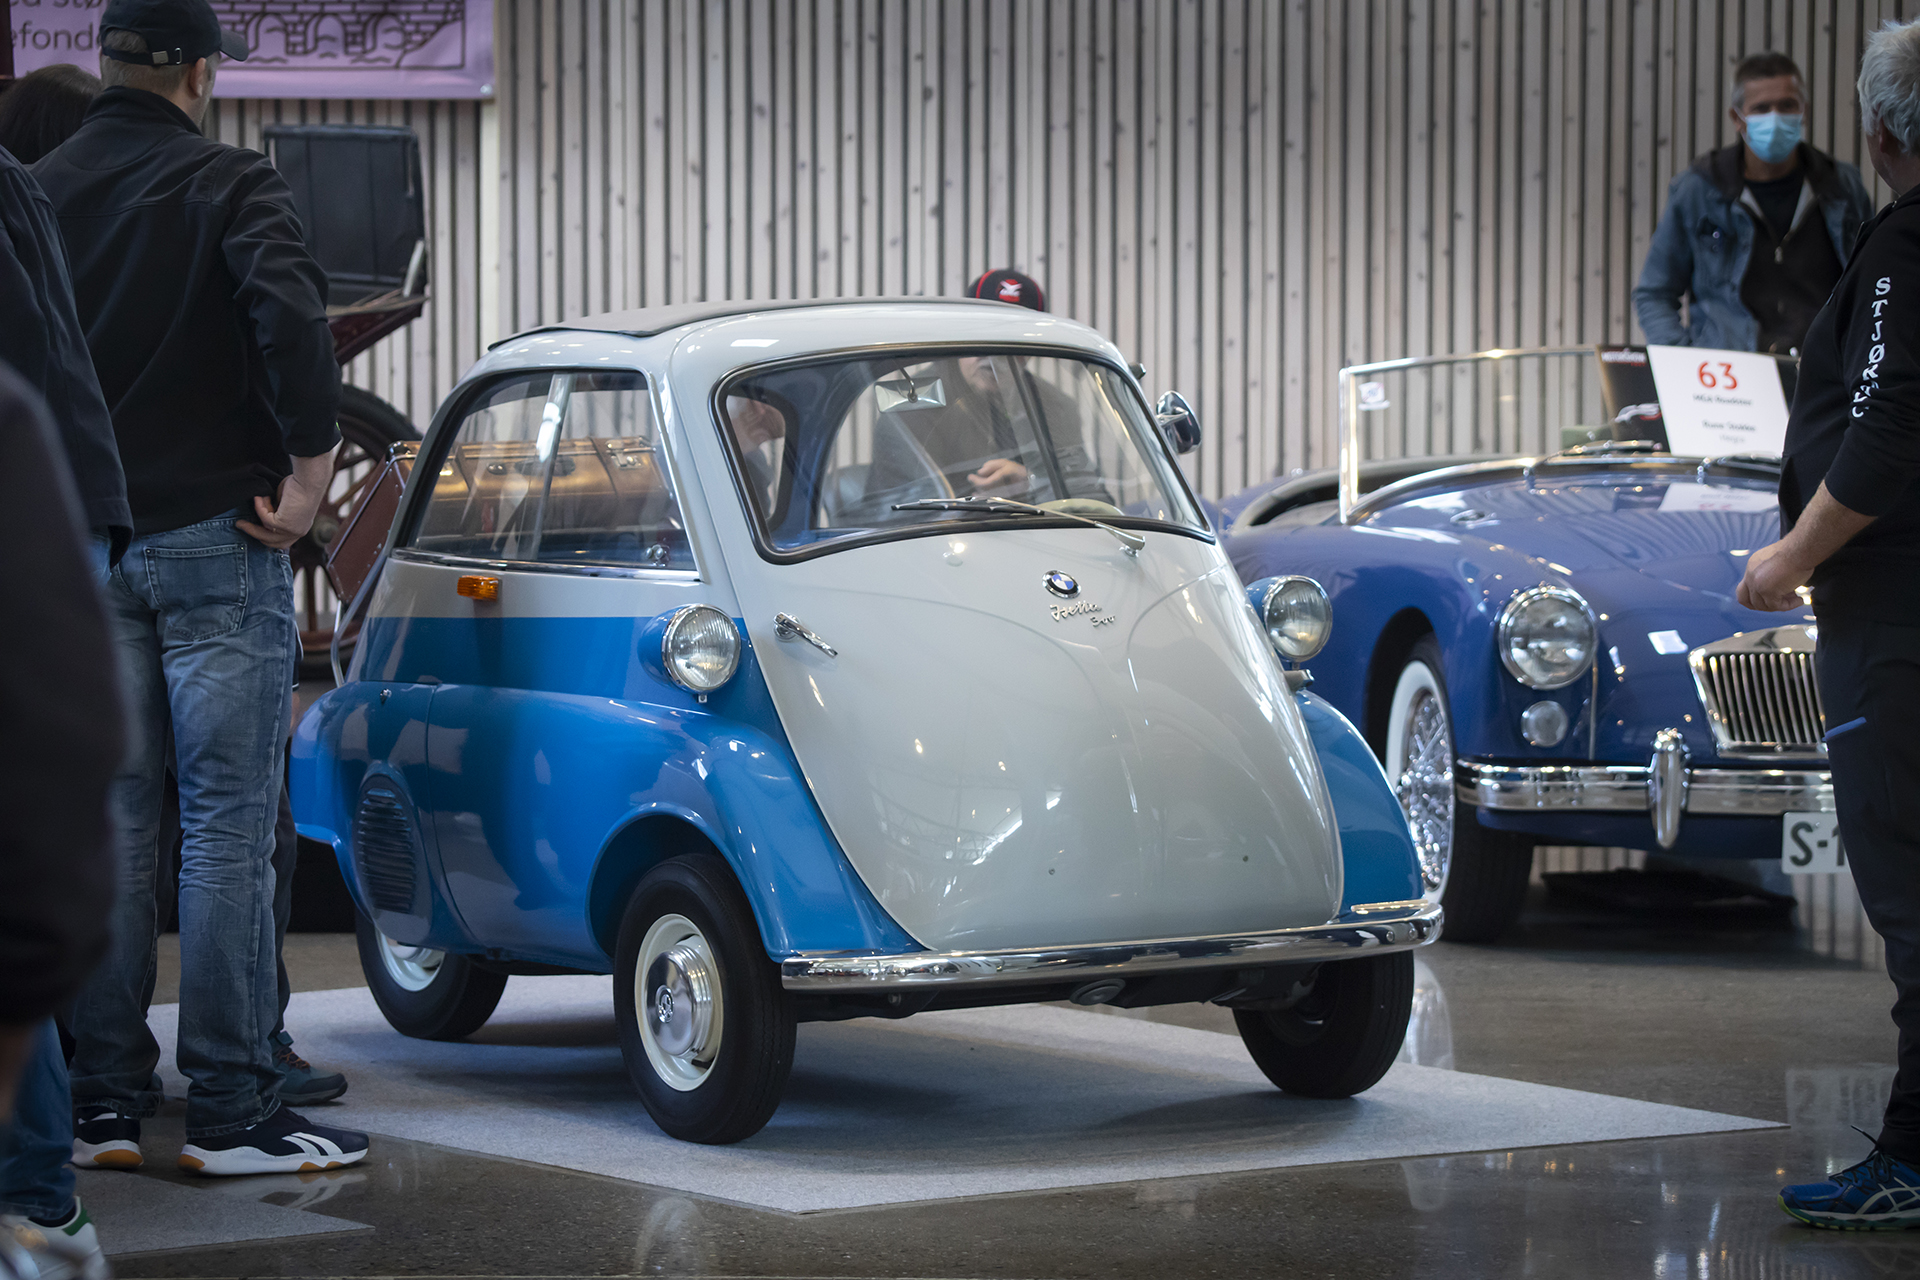 Øyvind Dahl hadde med utstillingens søteste, i form av en BMW Izetta.